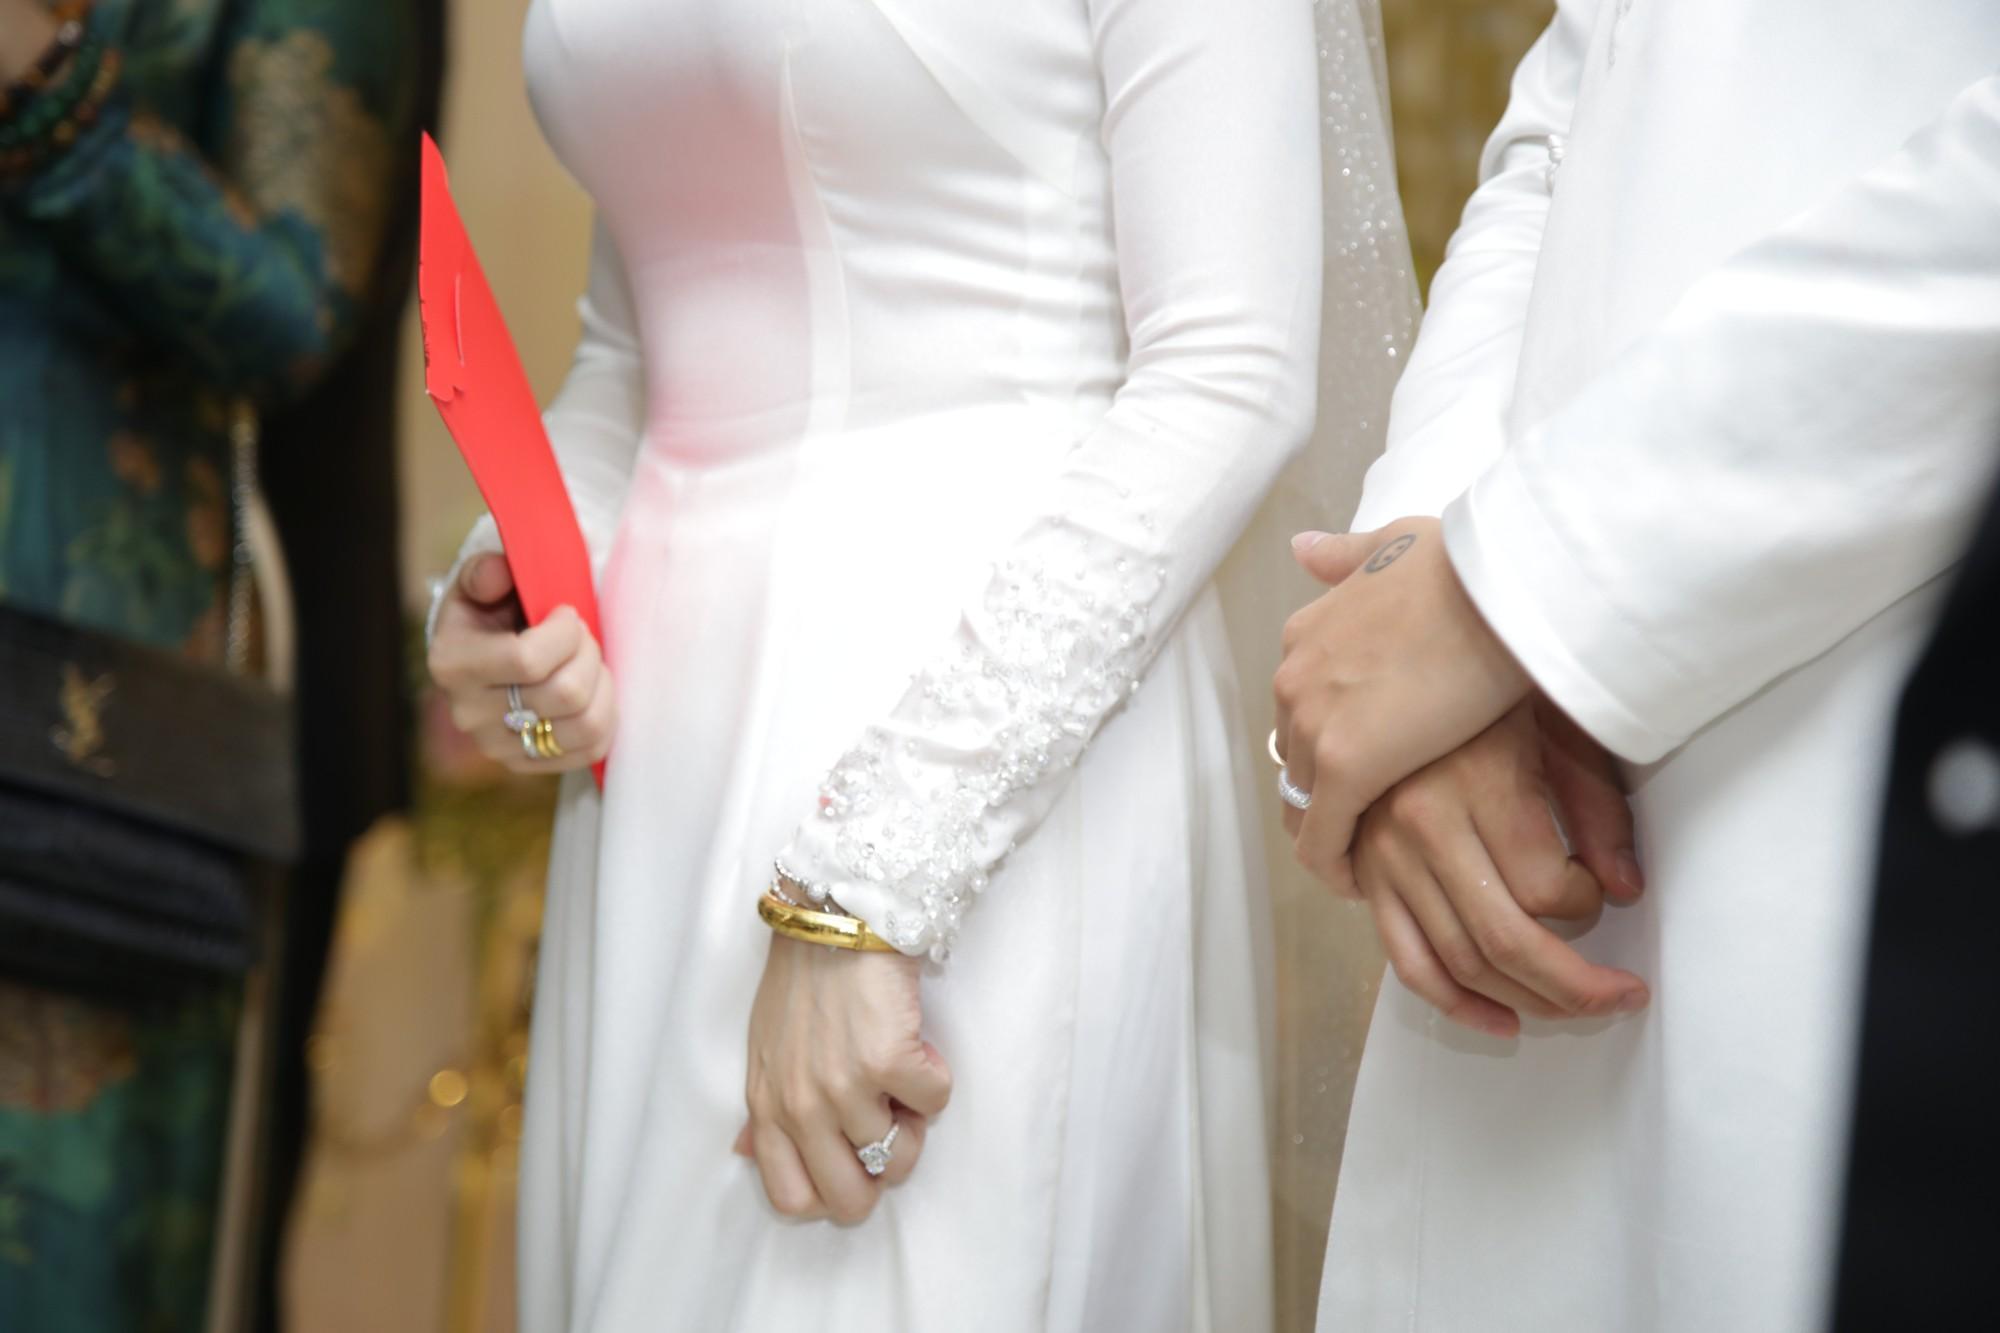 HOT: Toàn cảnh lễ đưa dâu toàn siêu xe hơn 100 tỷ của con gái đại gia Minh Nhựa, quà cưới toàn vàng, kim cương đeo đỏ tay-27